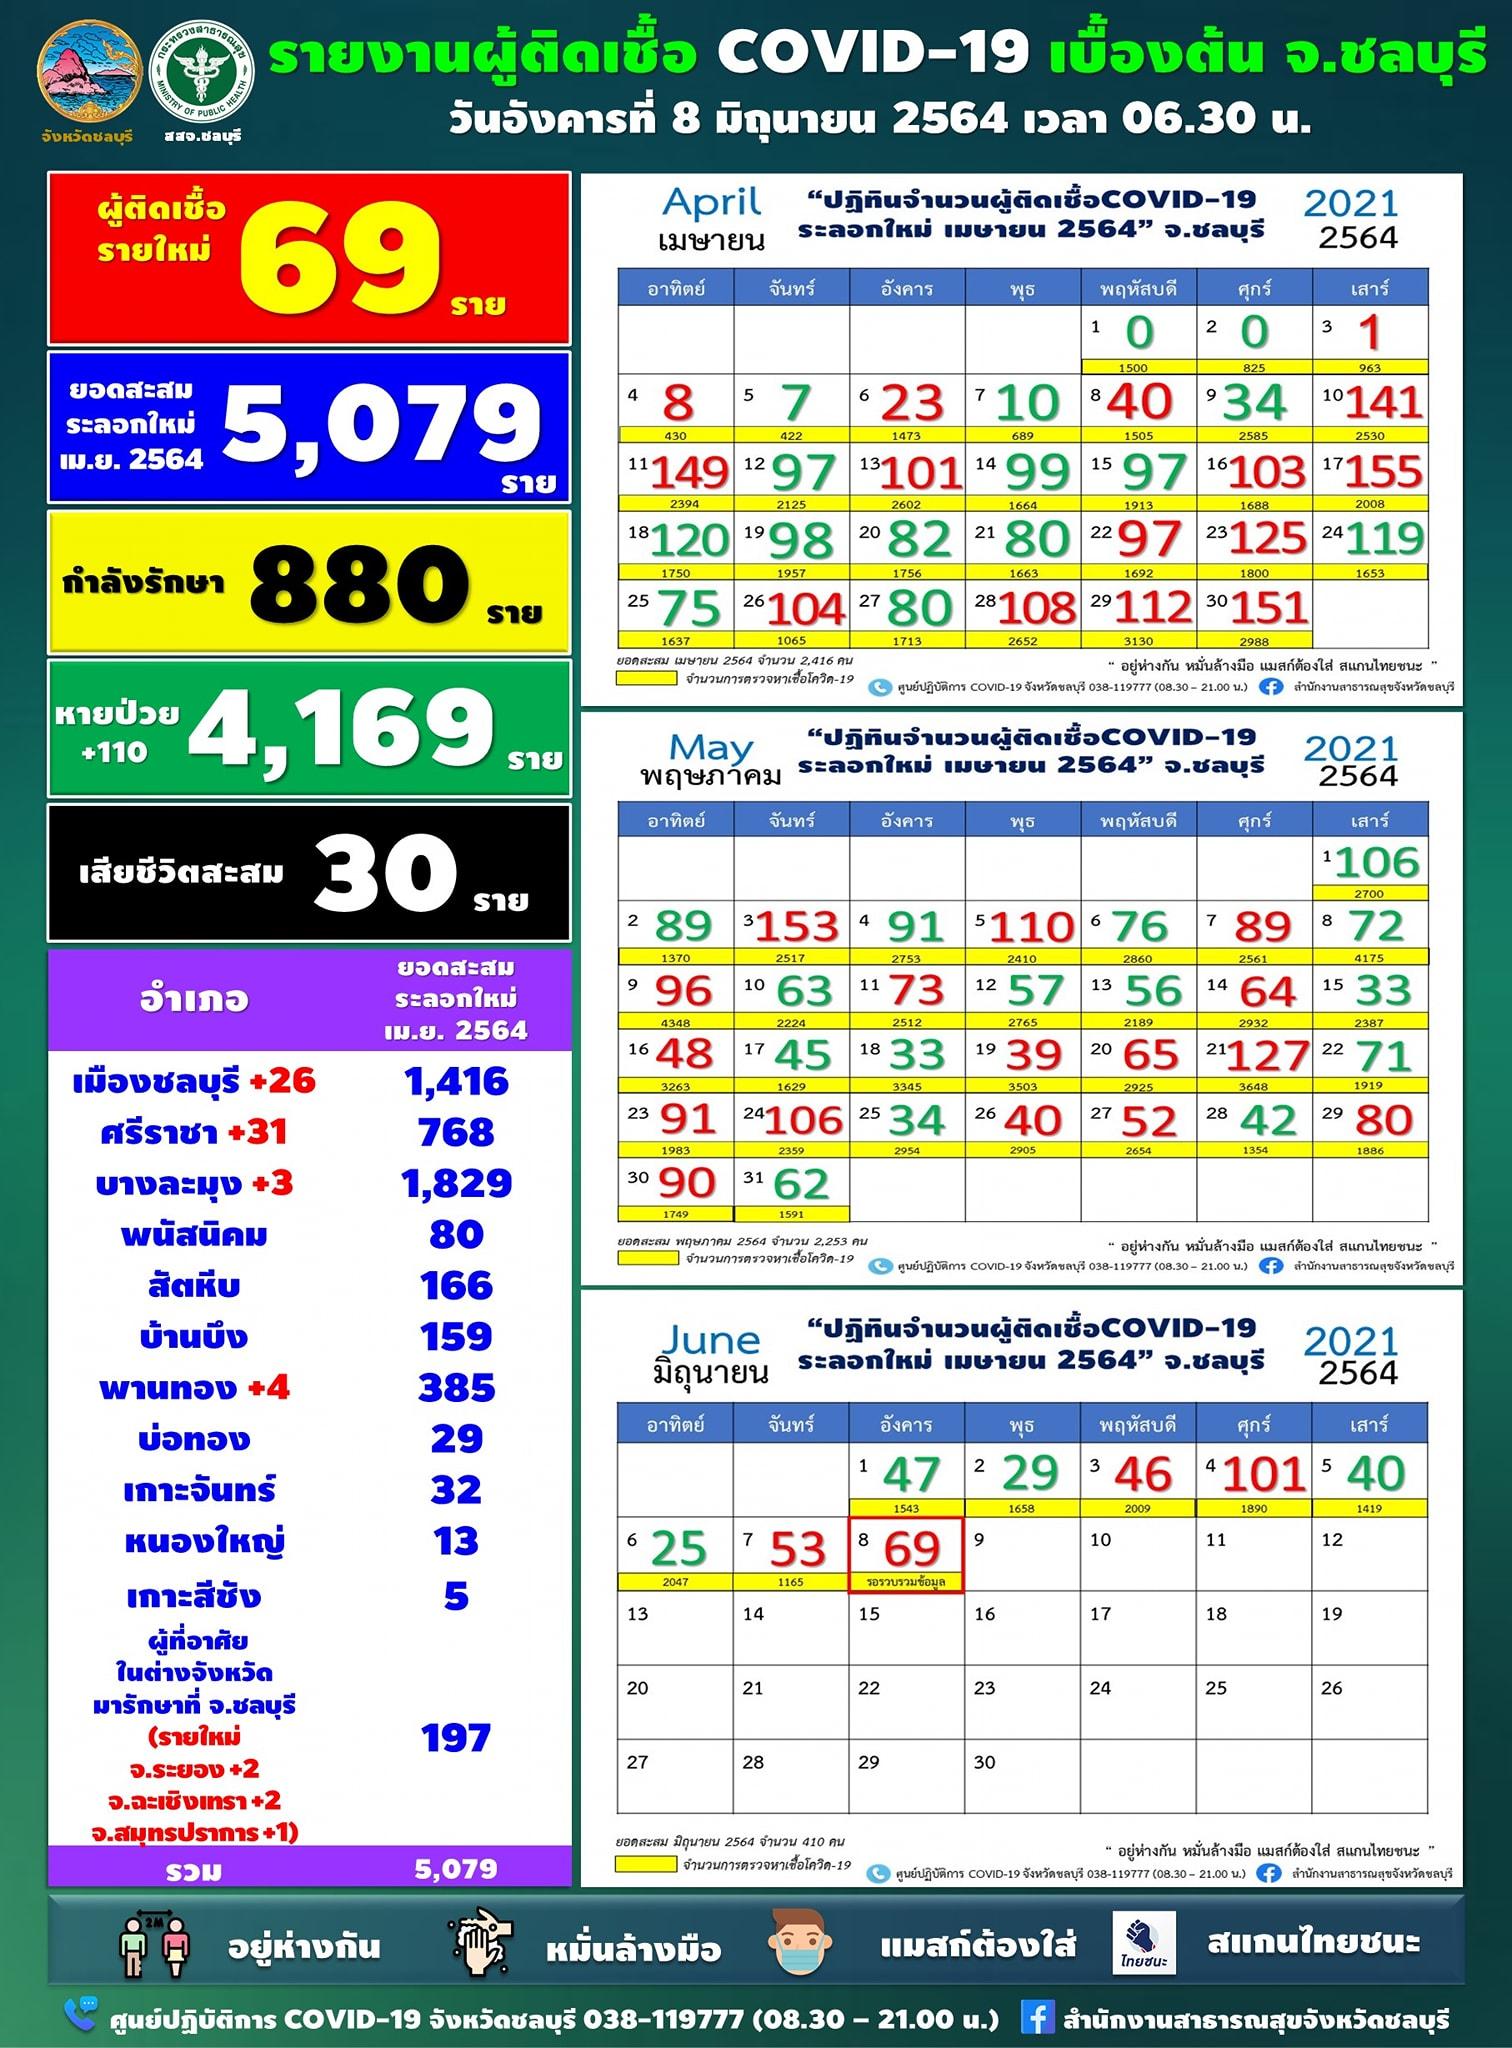 チョンブリ県で69人陽性、シラチャはクラスター関連等で31人を確認[2021年6月8日発表]